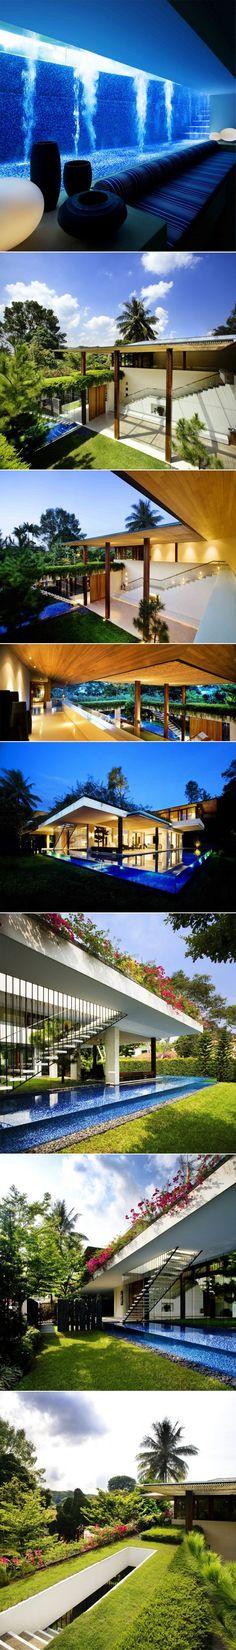 Tangga House par Guz Architects Guz Architects, agence spécialisée dans les maisons de luxe à Singapour, vient de signer cette magnifique réalisation situé